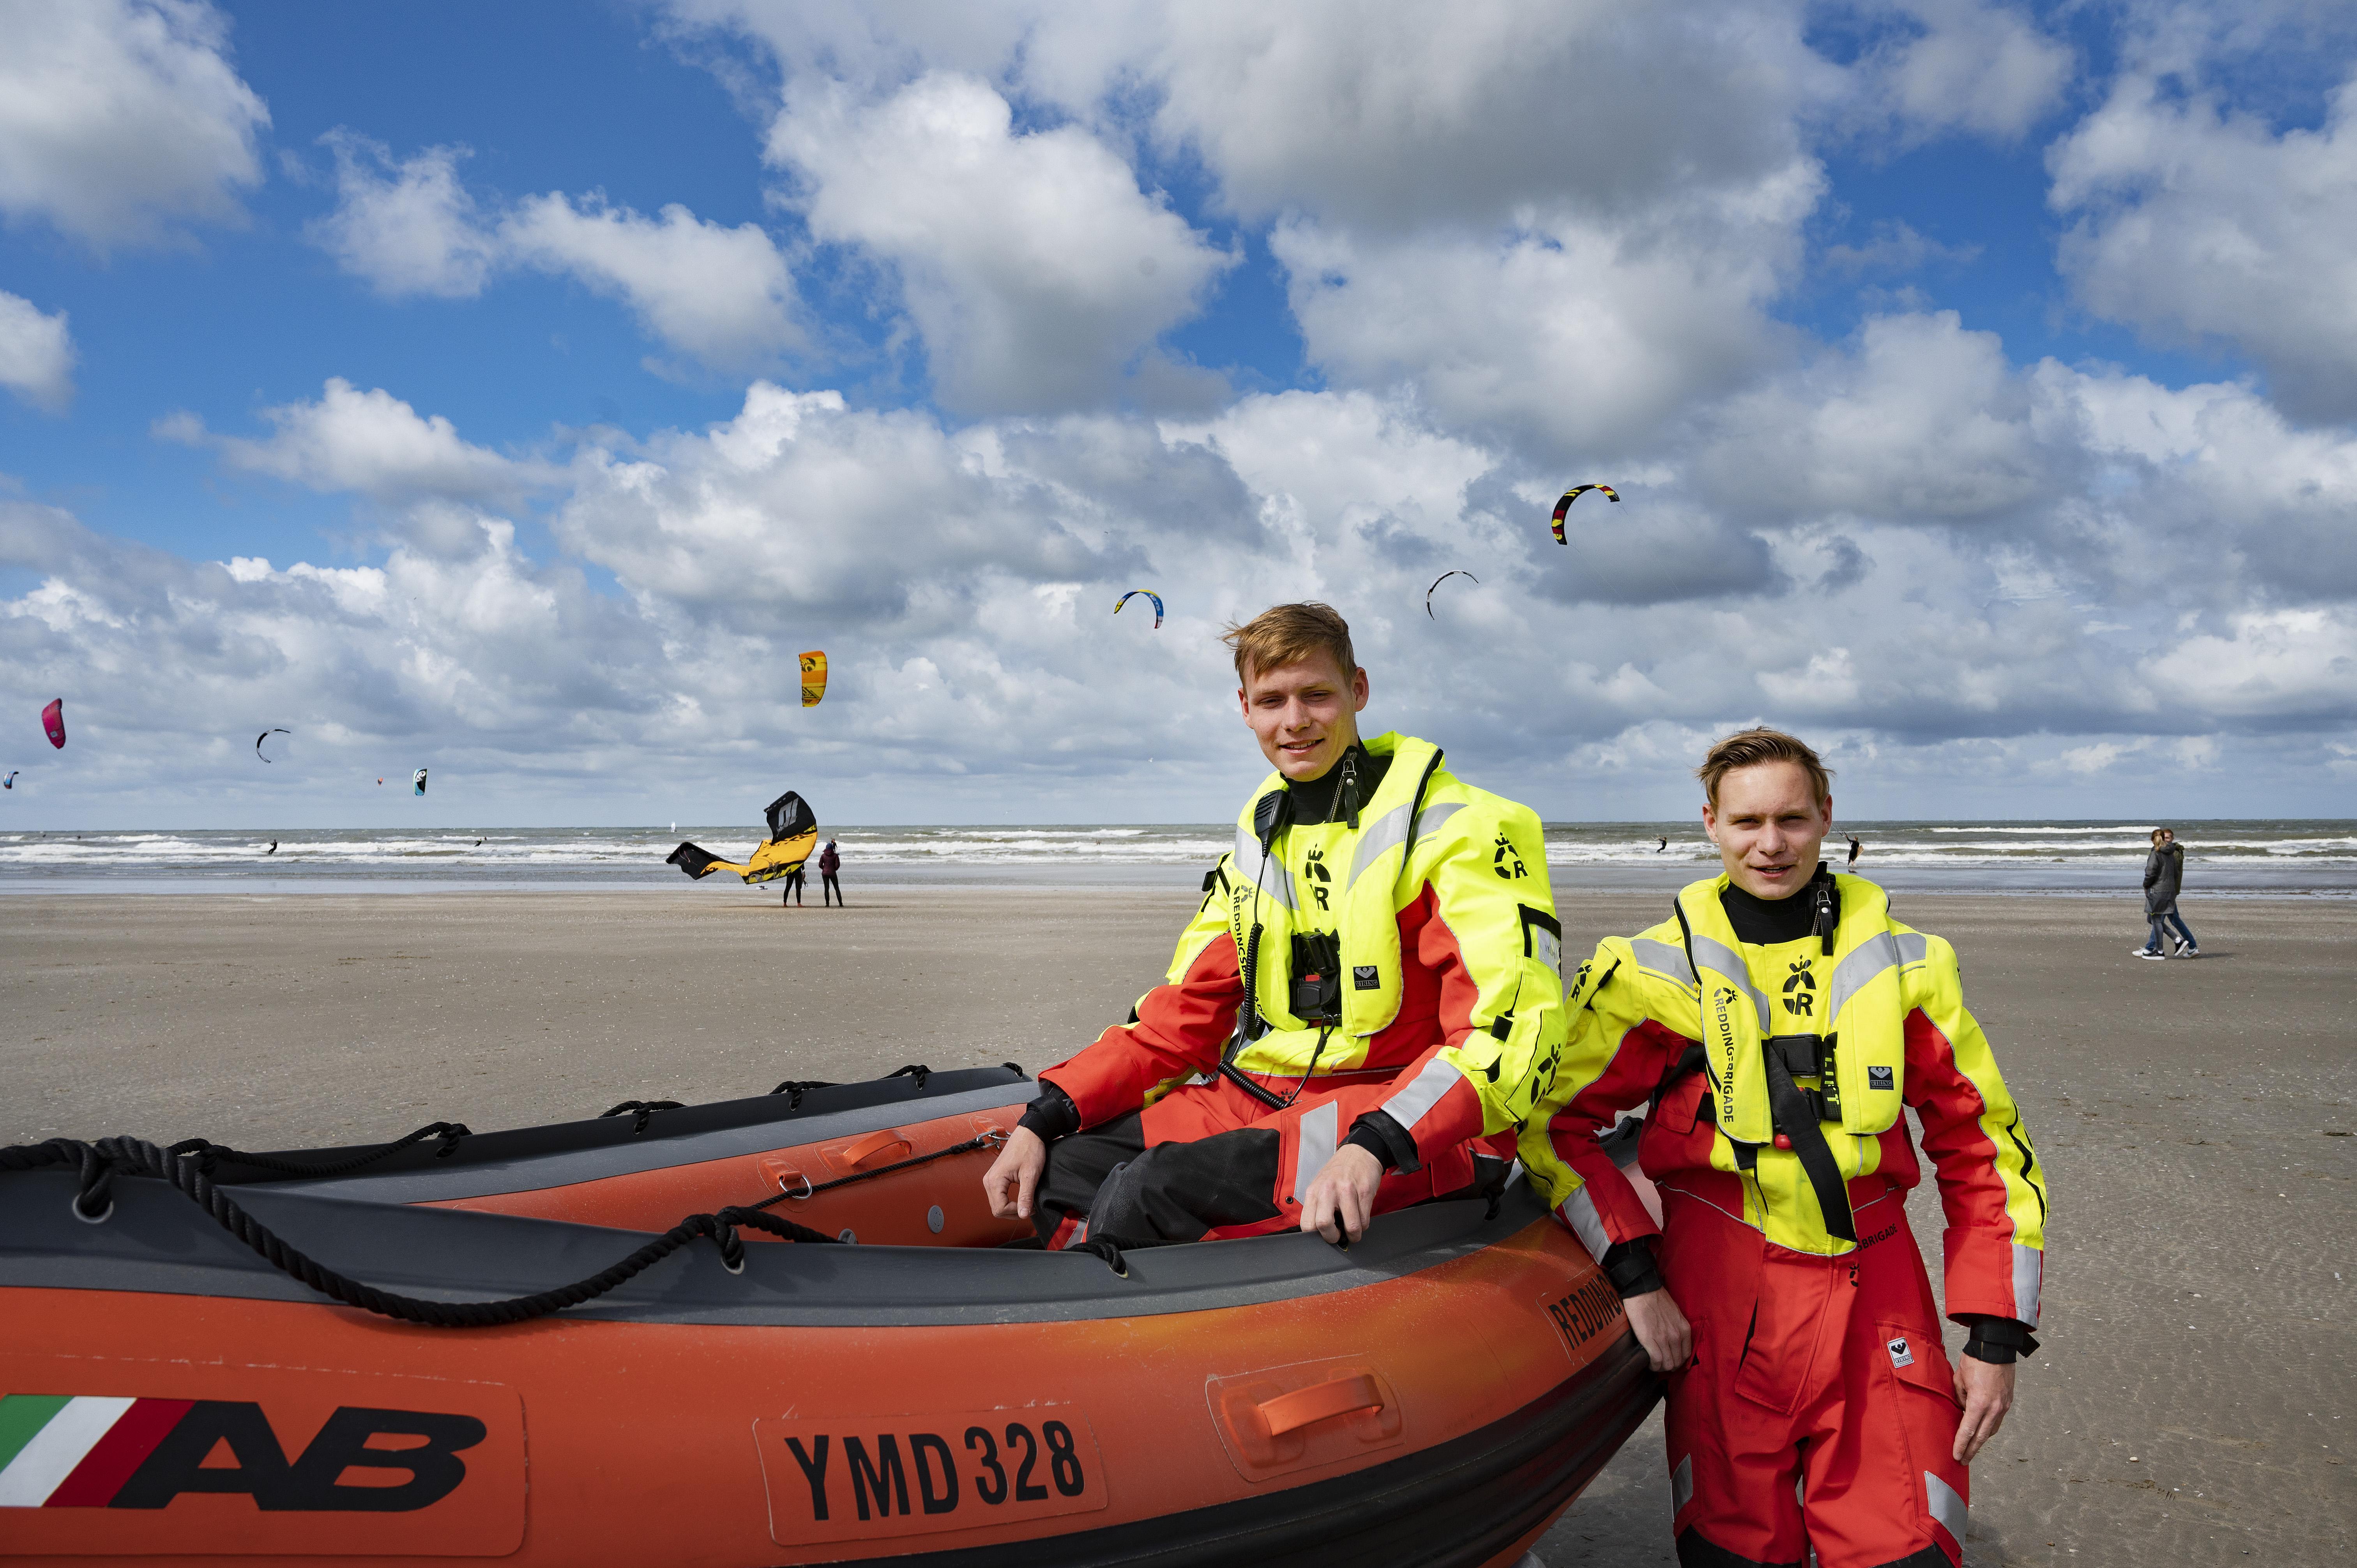 Topdrukte bij Reddingsbrigade, veel kitesurfers in problemen